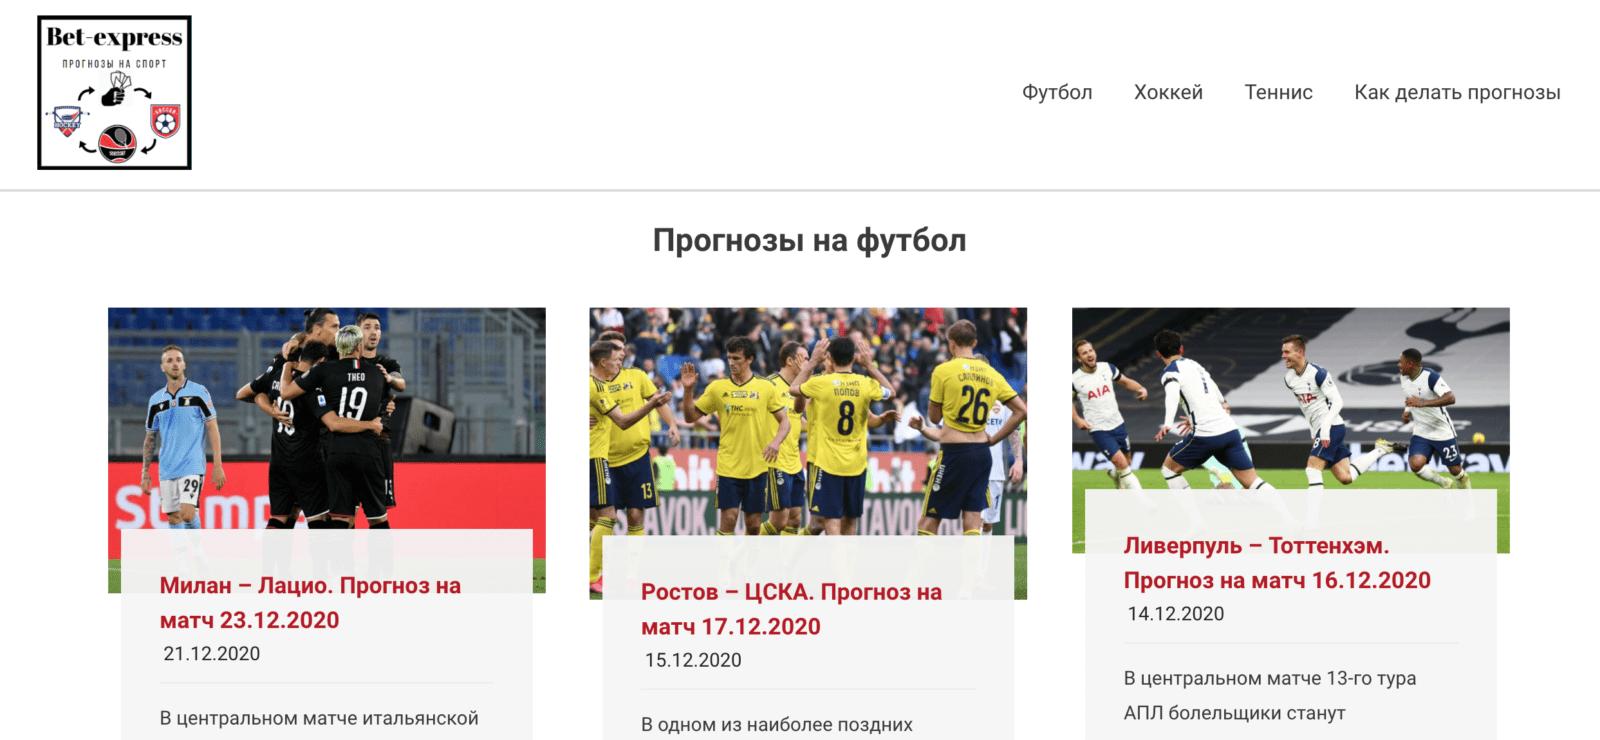 Главная страница сайта Bet Express ru (Экспресс Бет ру)